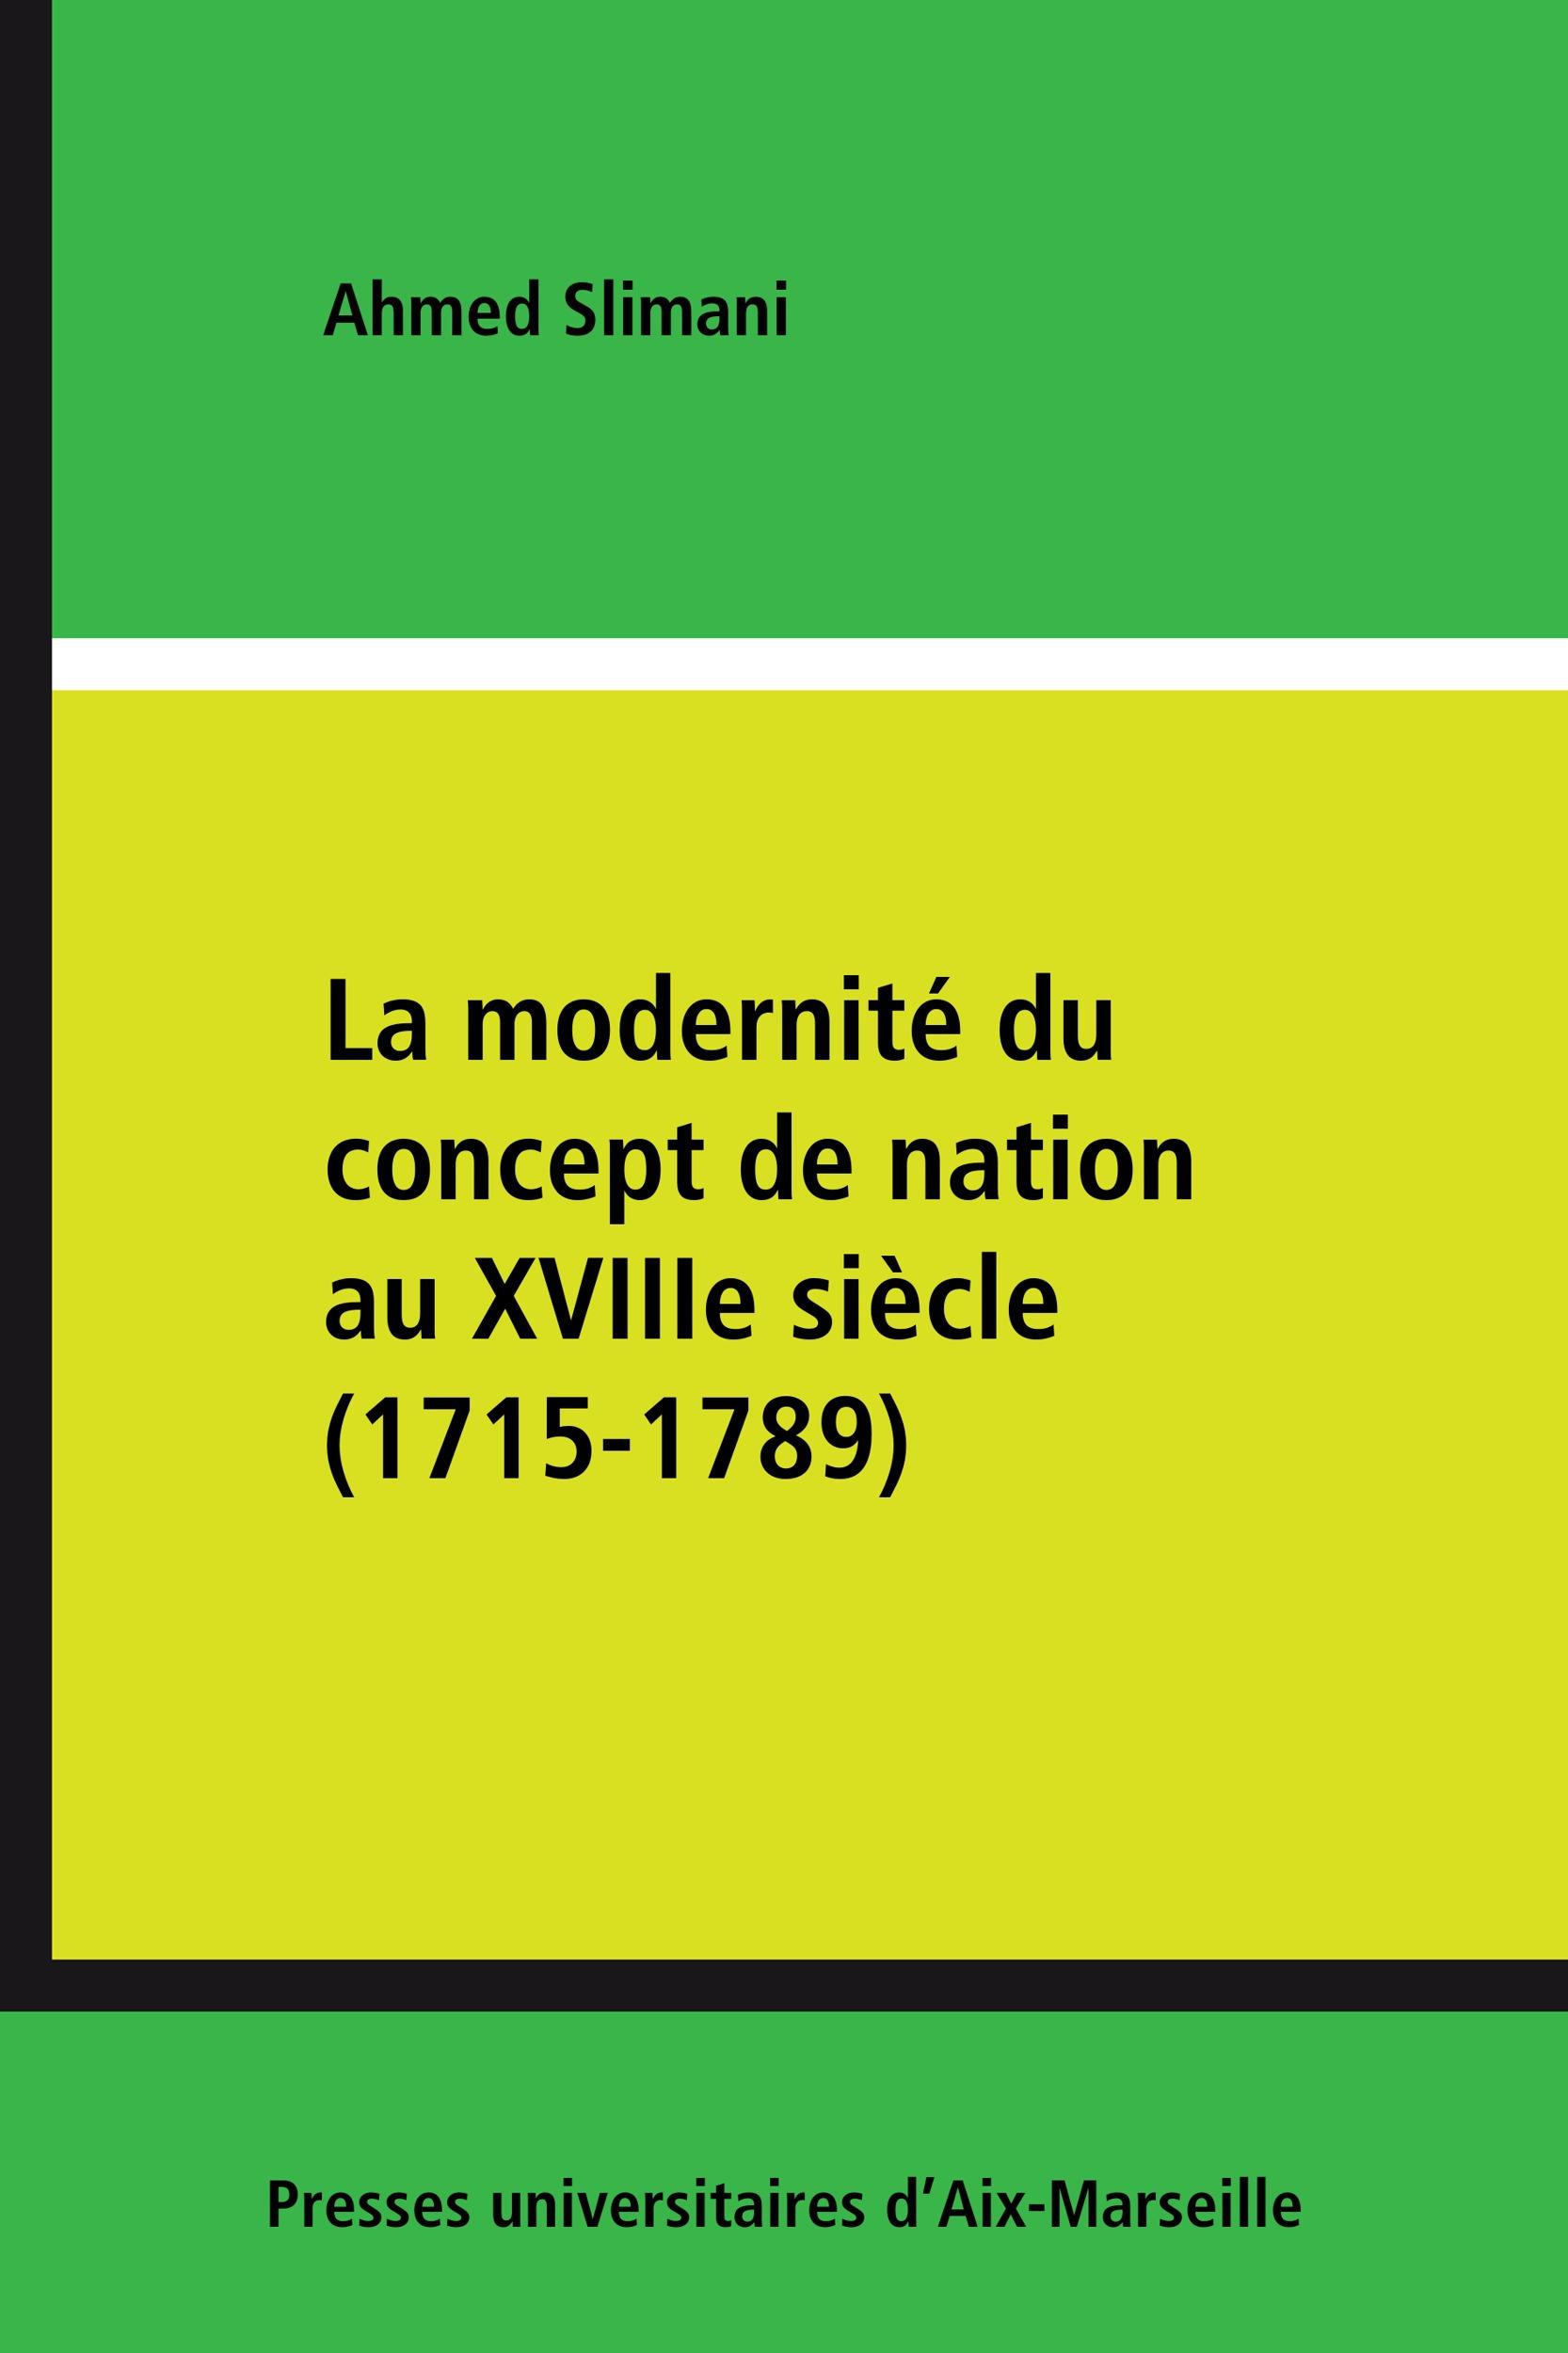 La modernite du conecpt de nation au 18 eme siecle (1715-1789)